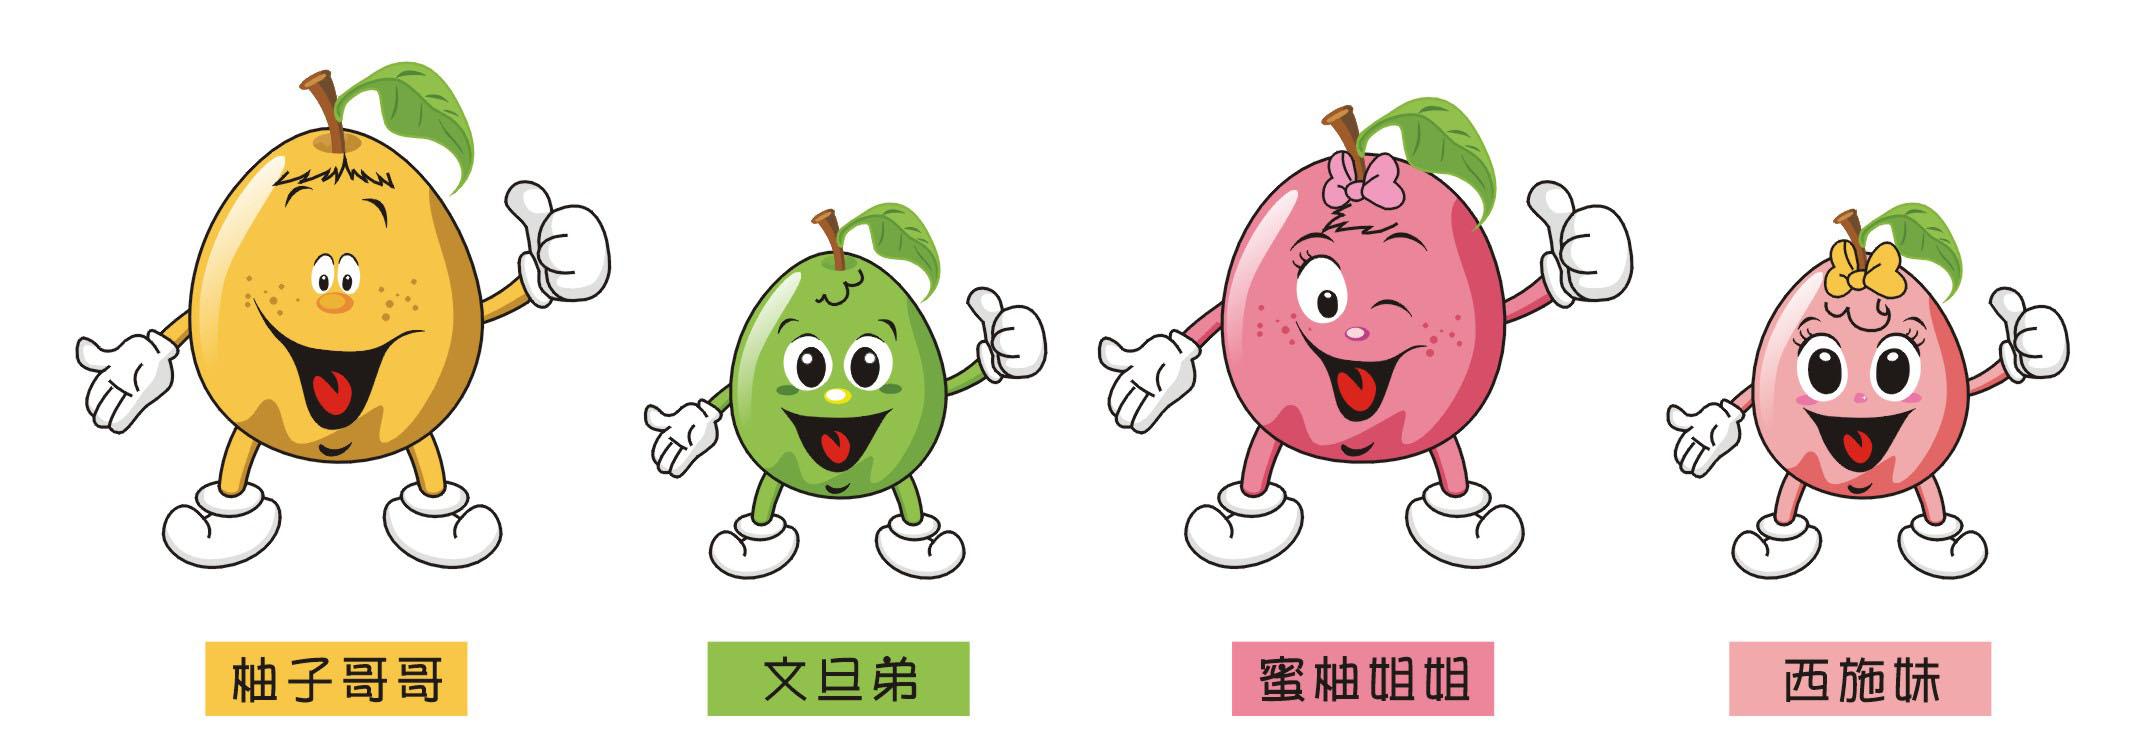 動漫形象設計-【柚子家族】卡通人物